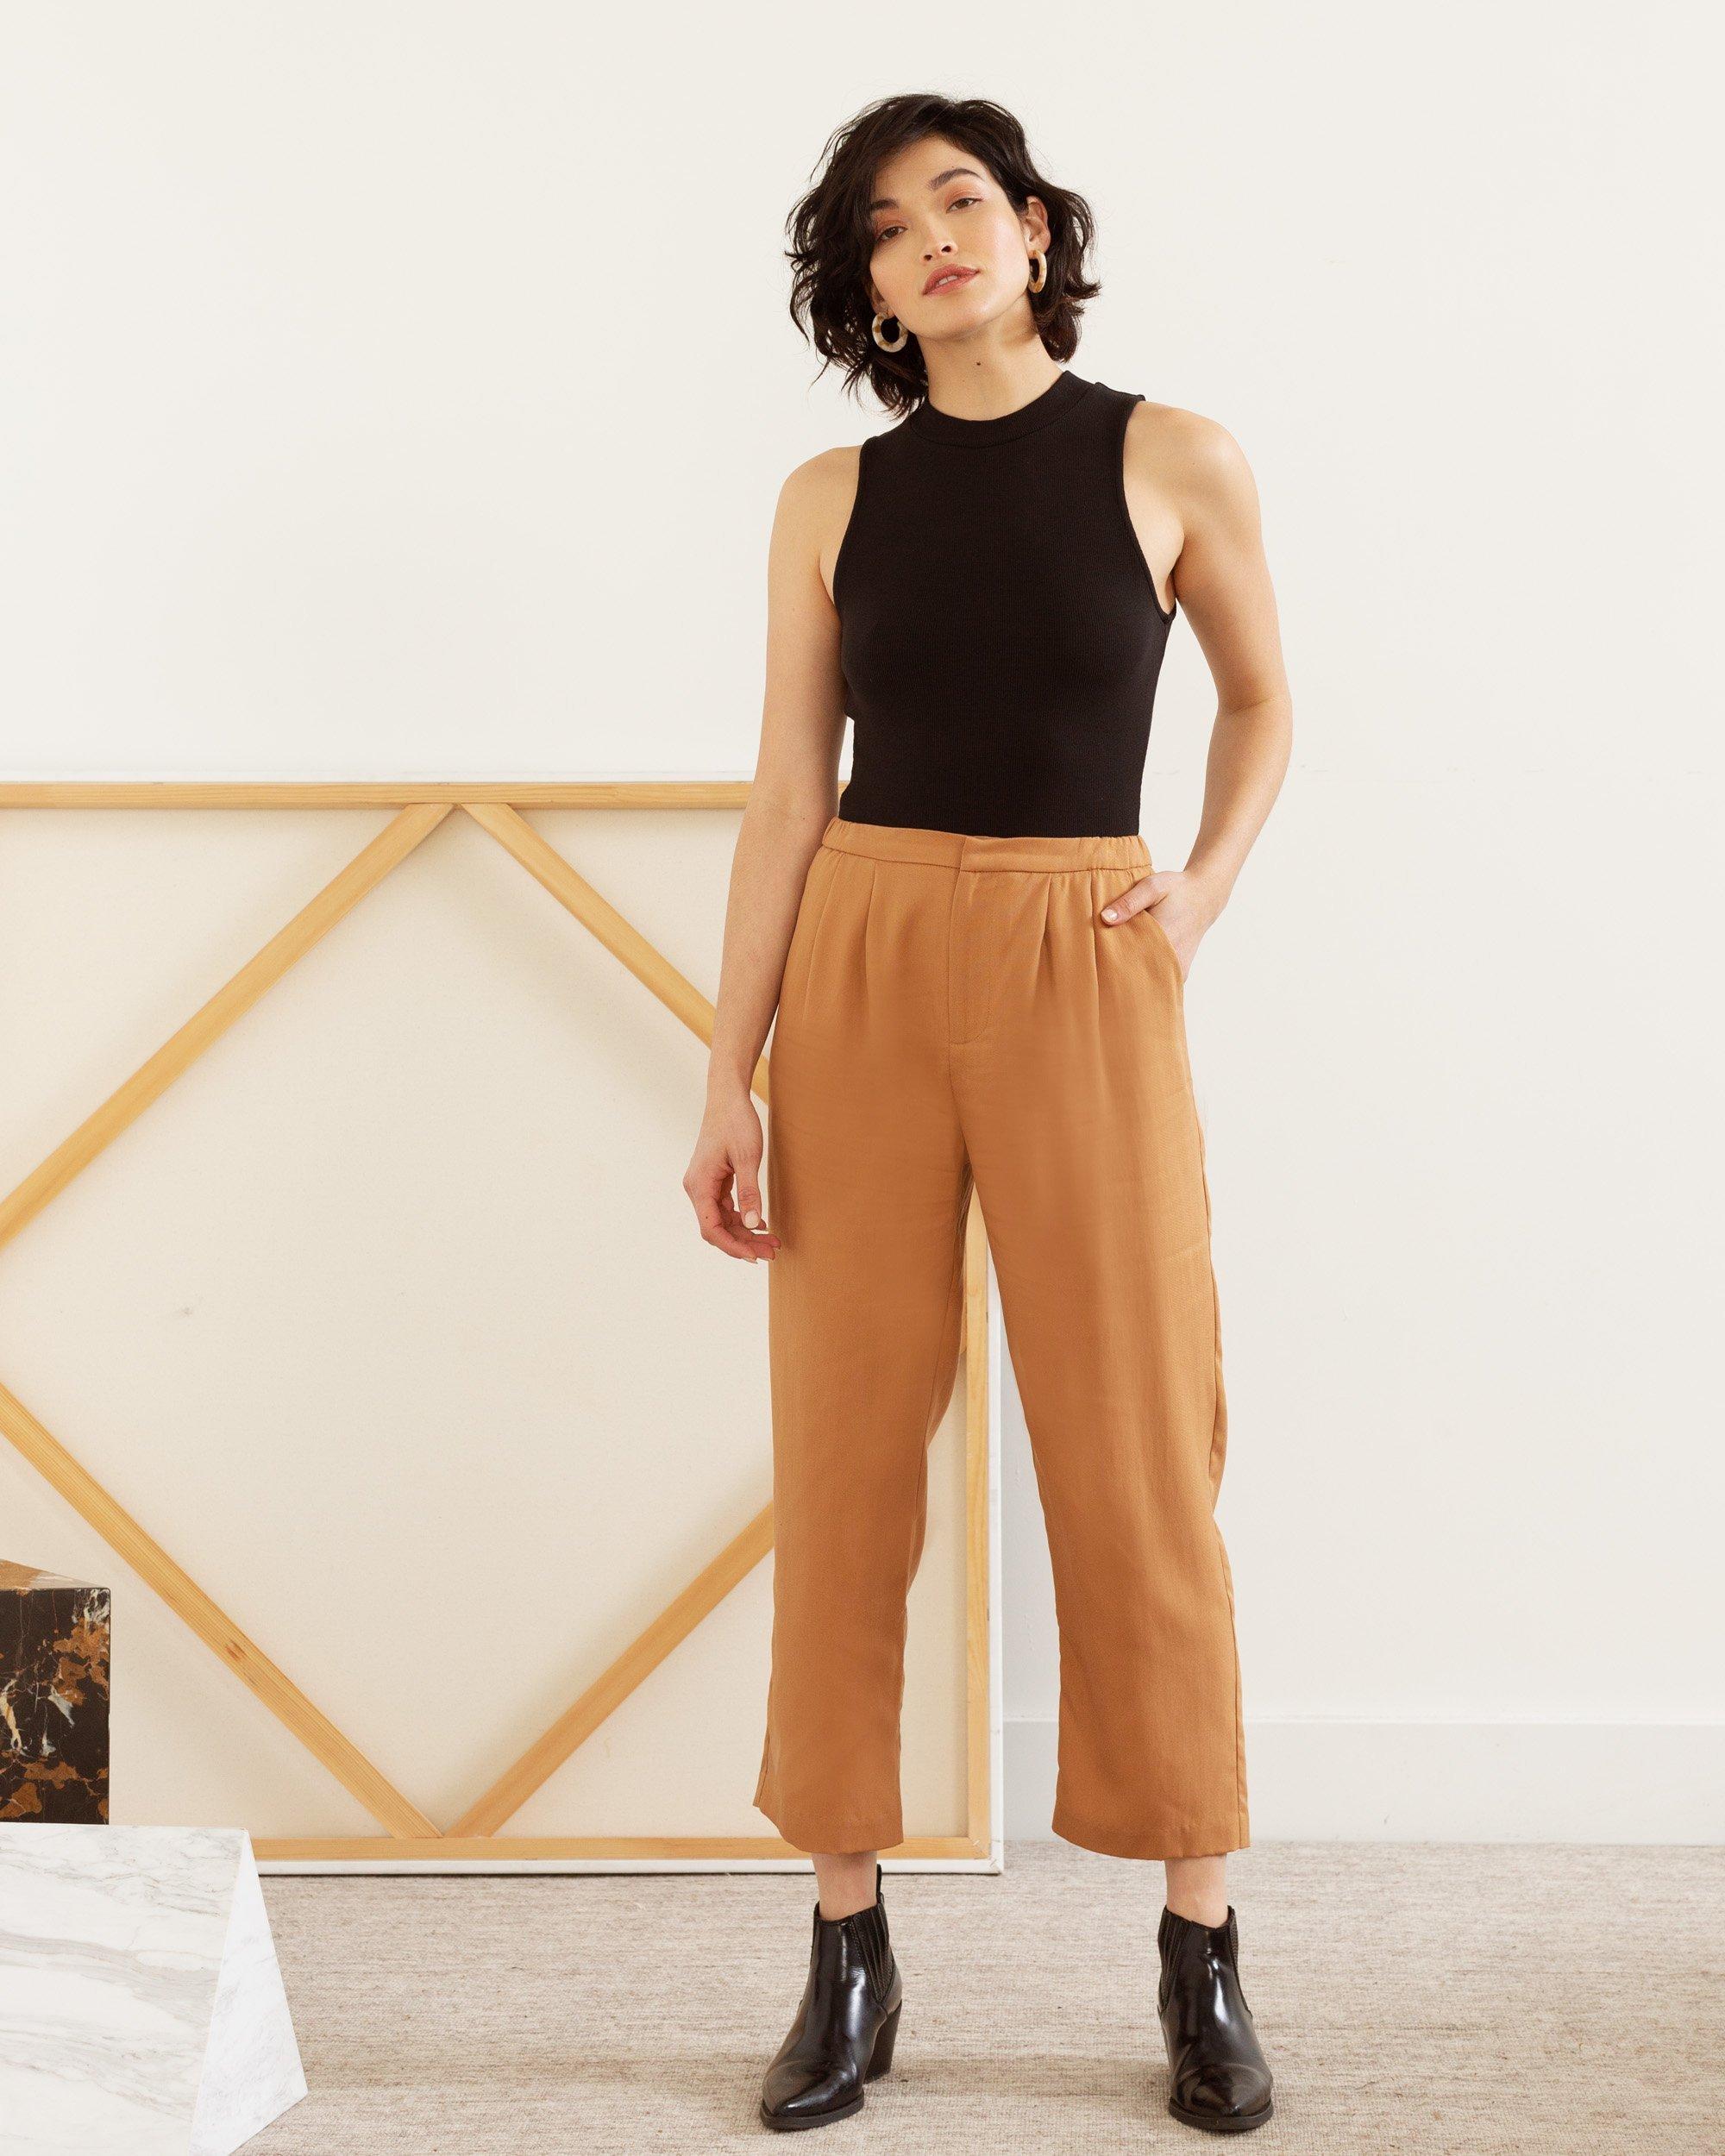 modern-citizen-sierra-cropped-trousers-pants-3.jpg